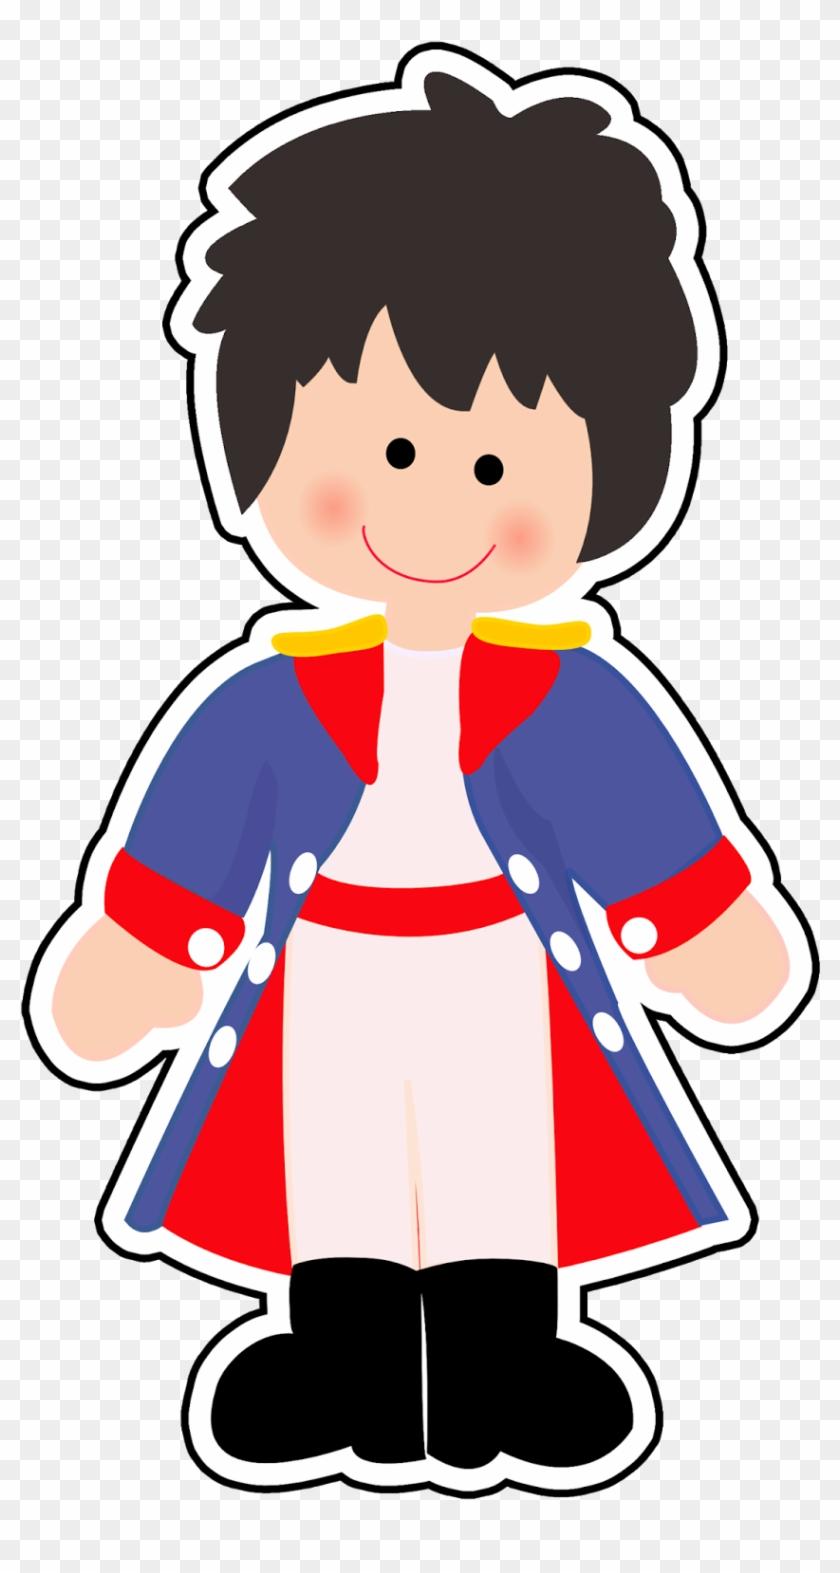 Vetor Pequeno Príncipe, Pequeno Príncipe Black Power, - Cartaozinho Adesivo Pequeno Principe #71751